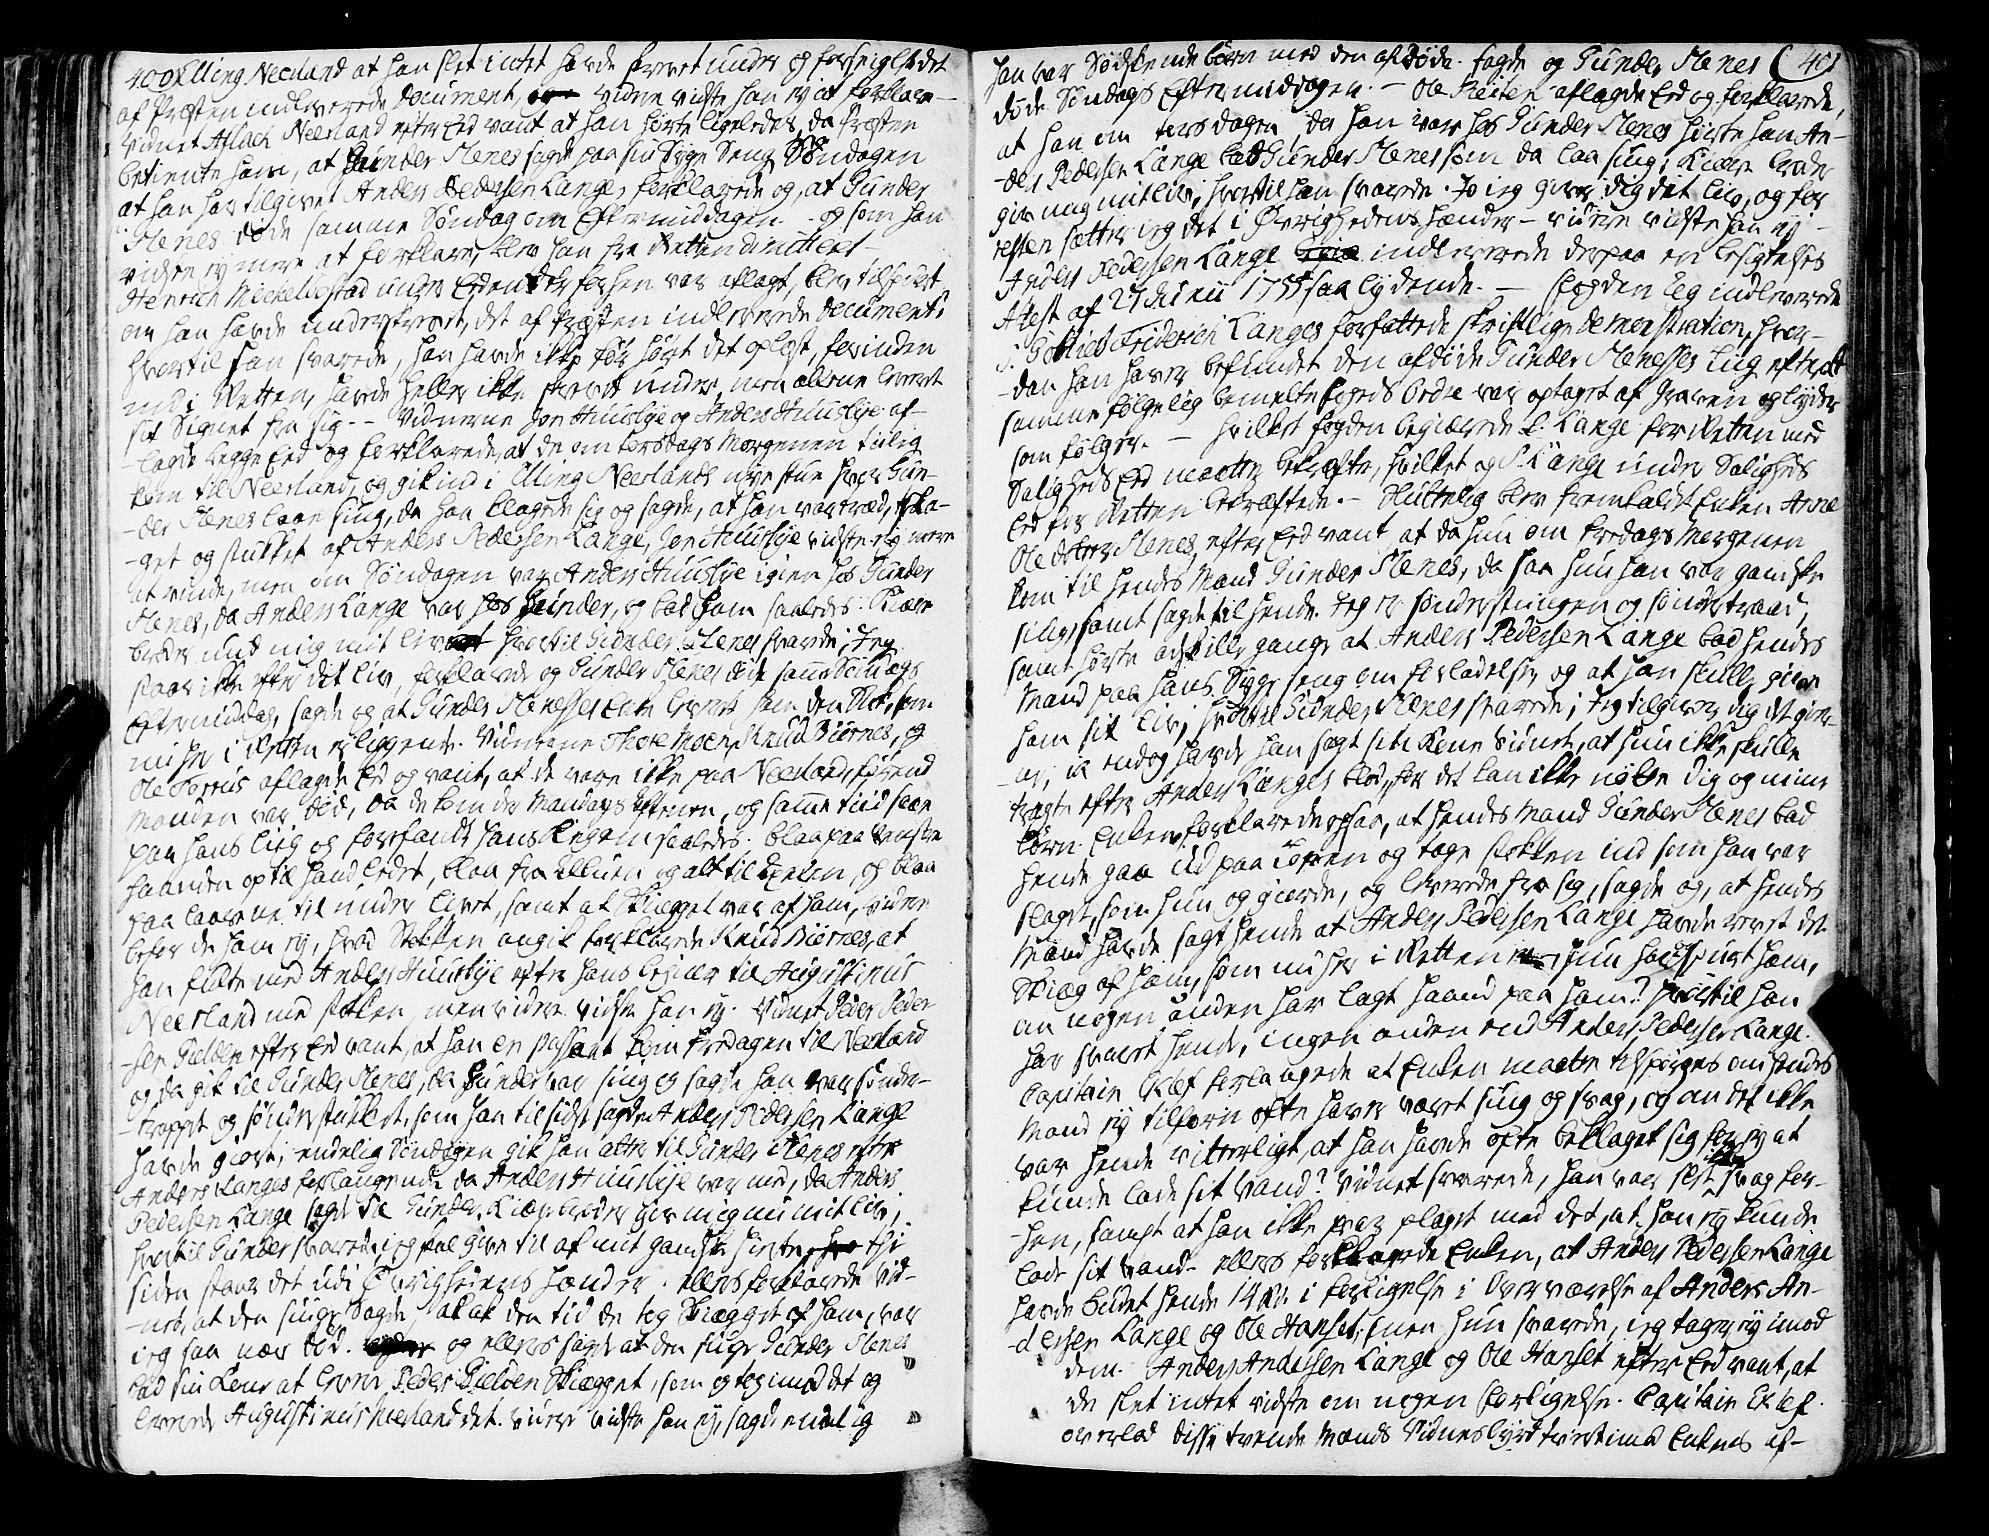 SAT, Romsdal sorenskriveri, 1/1A/L0013: Tingbok, 1749-1757, s. 400-401